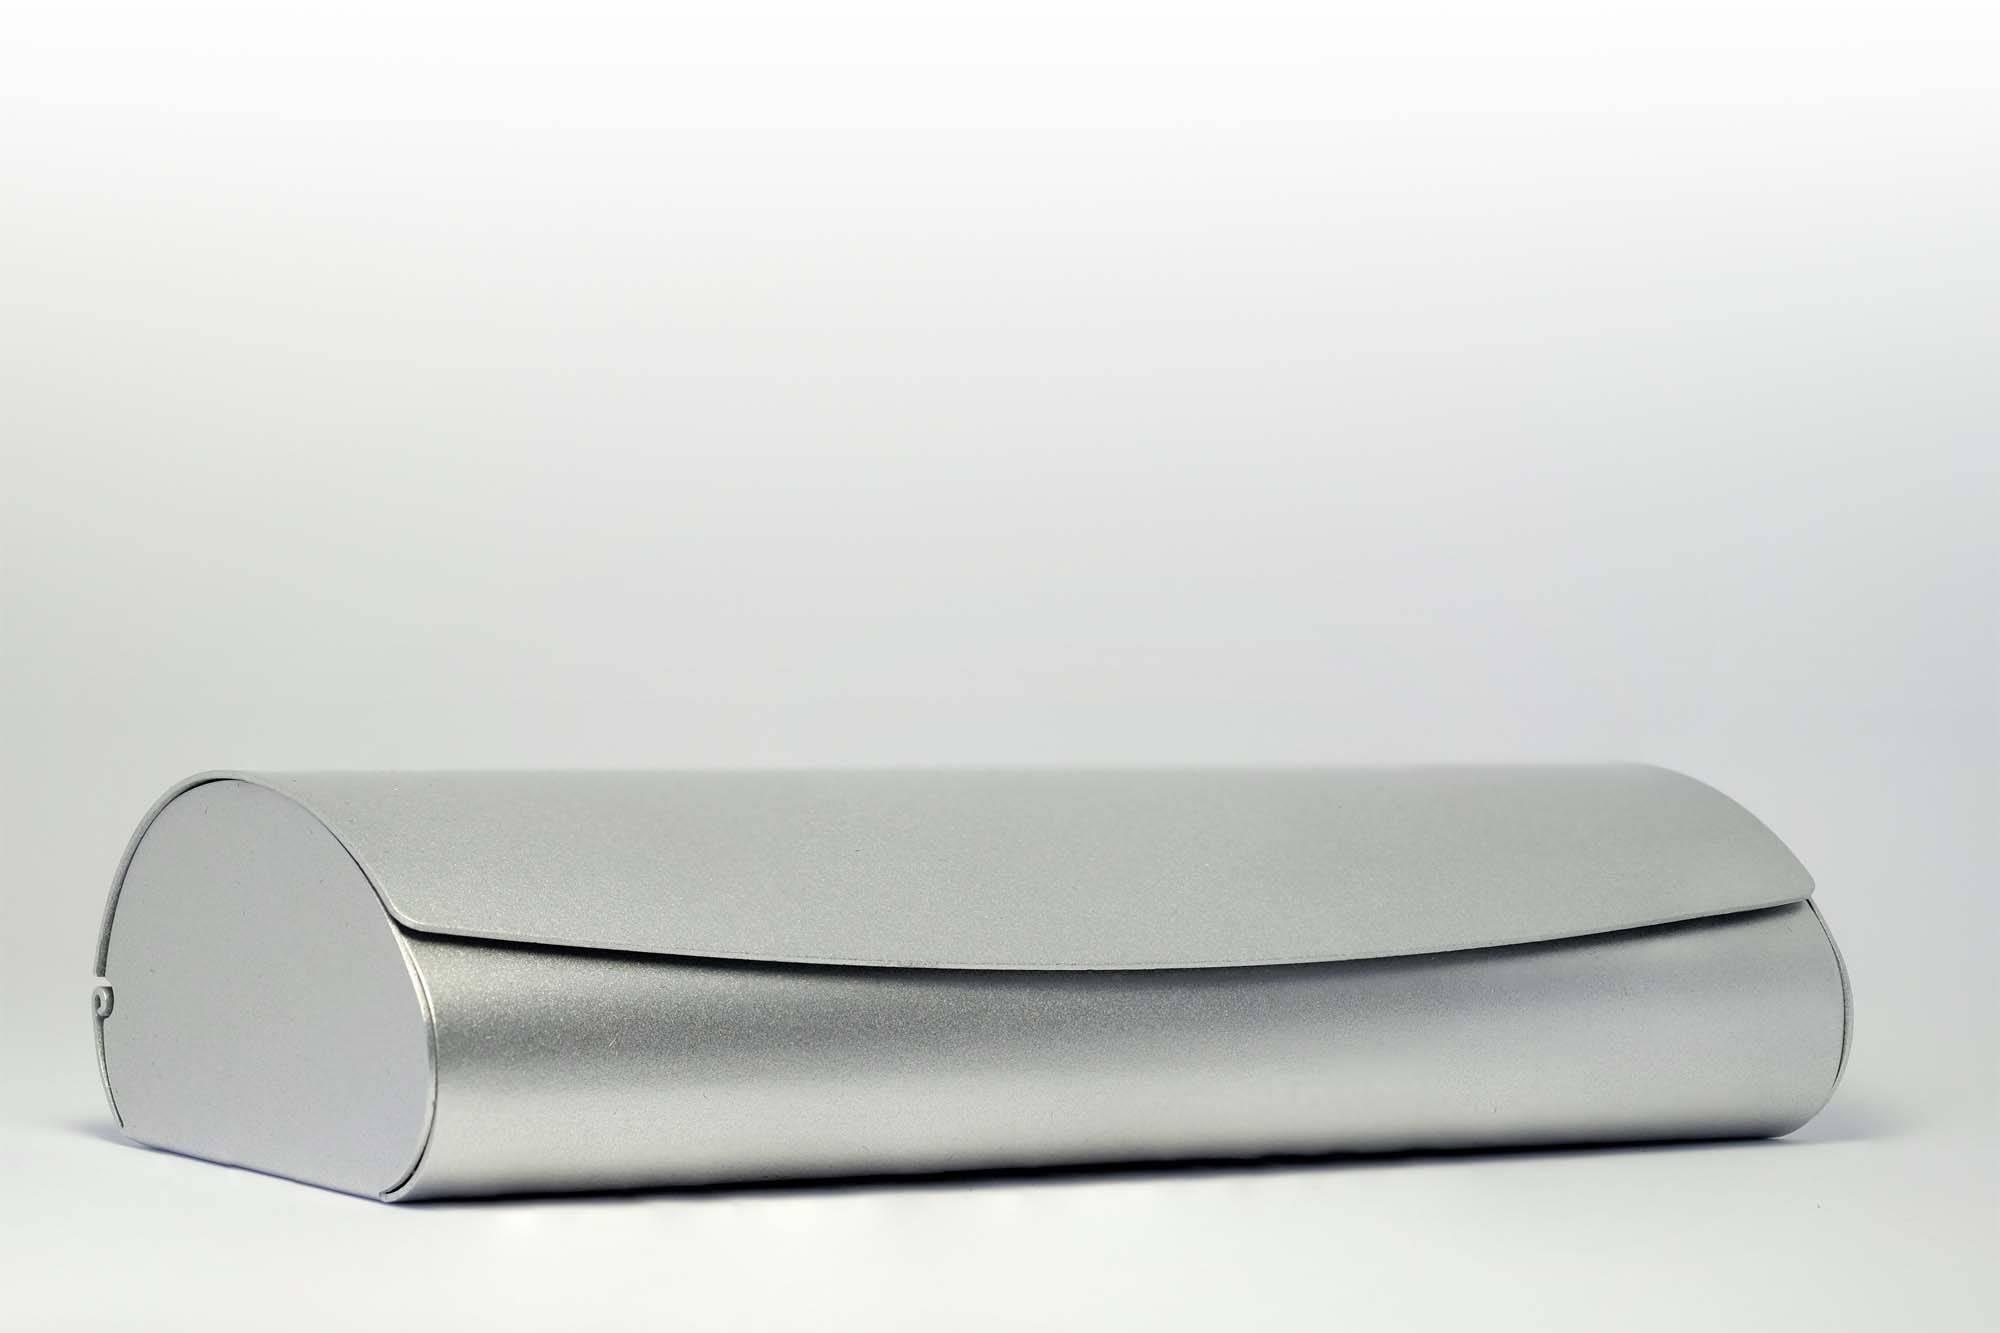 Alu-Klappetui mit Magnetverschluss, silber